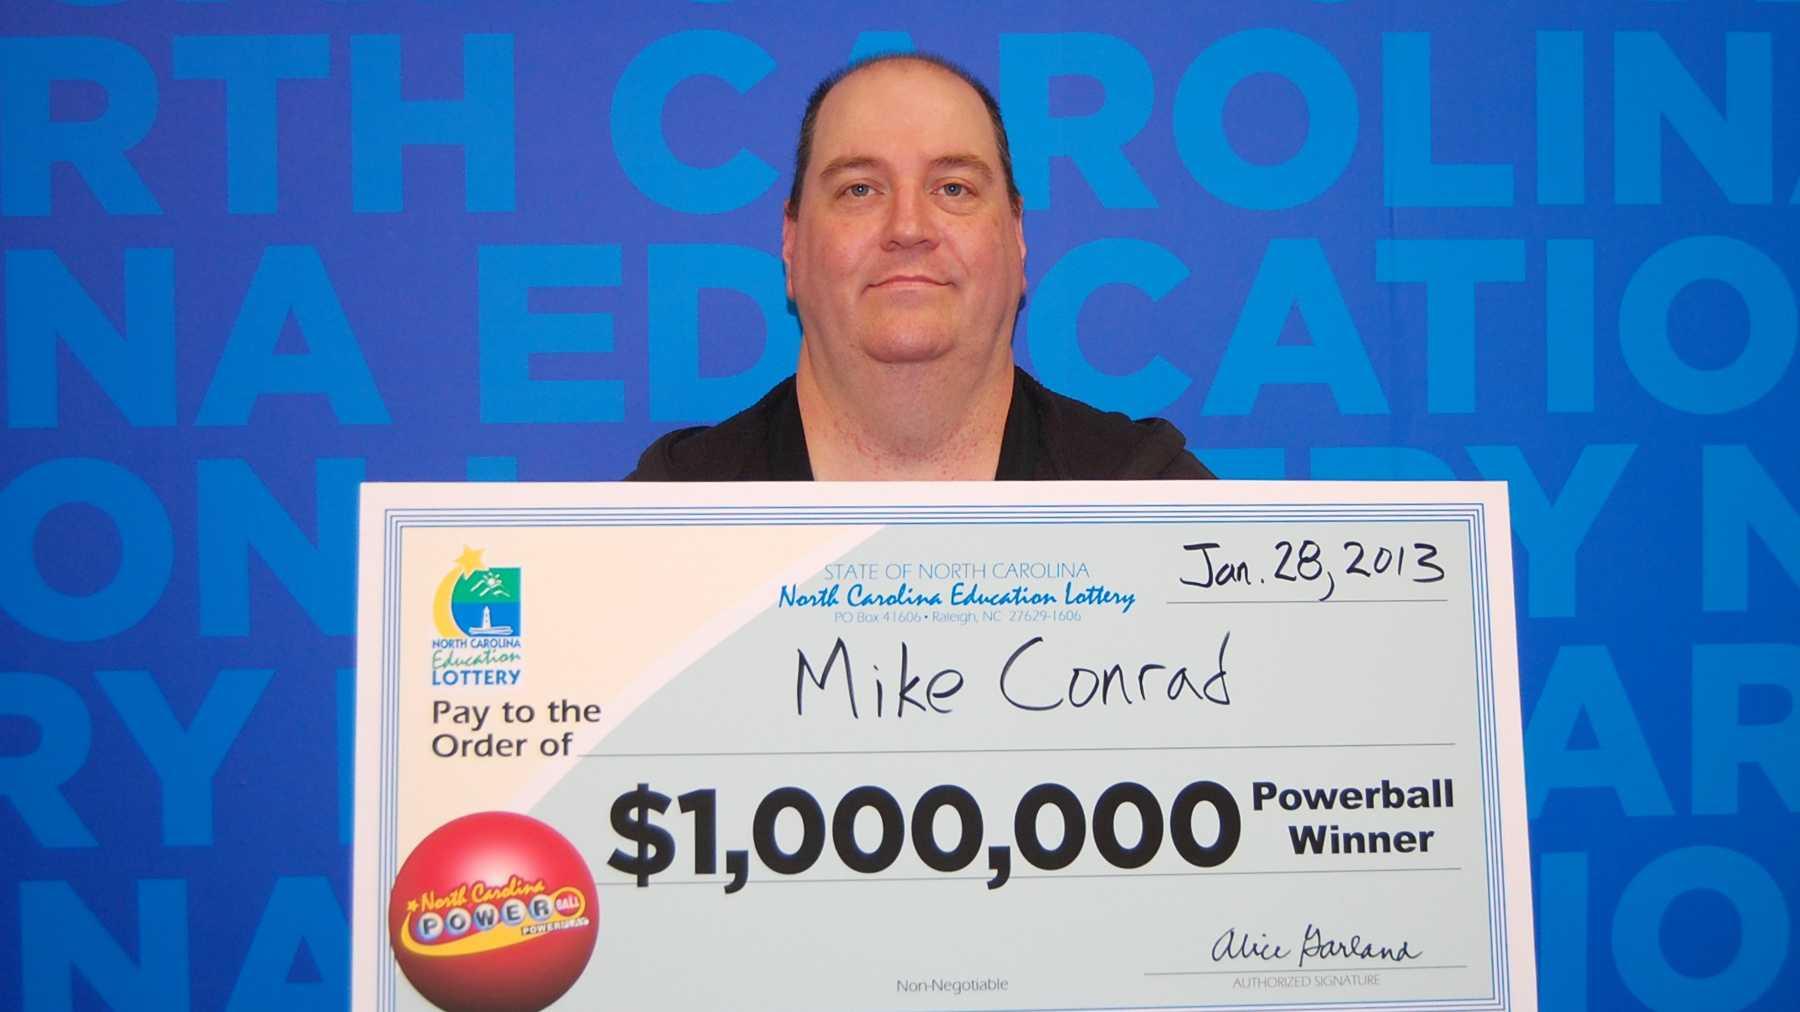 Mike Conrad